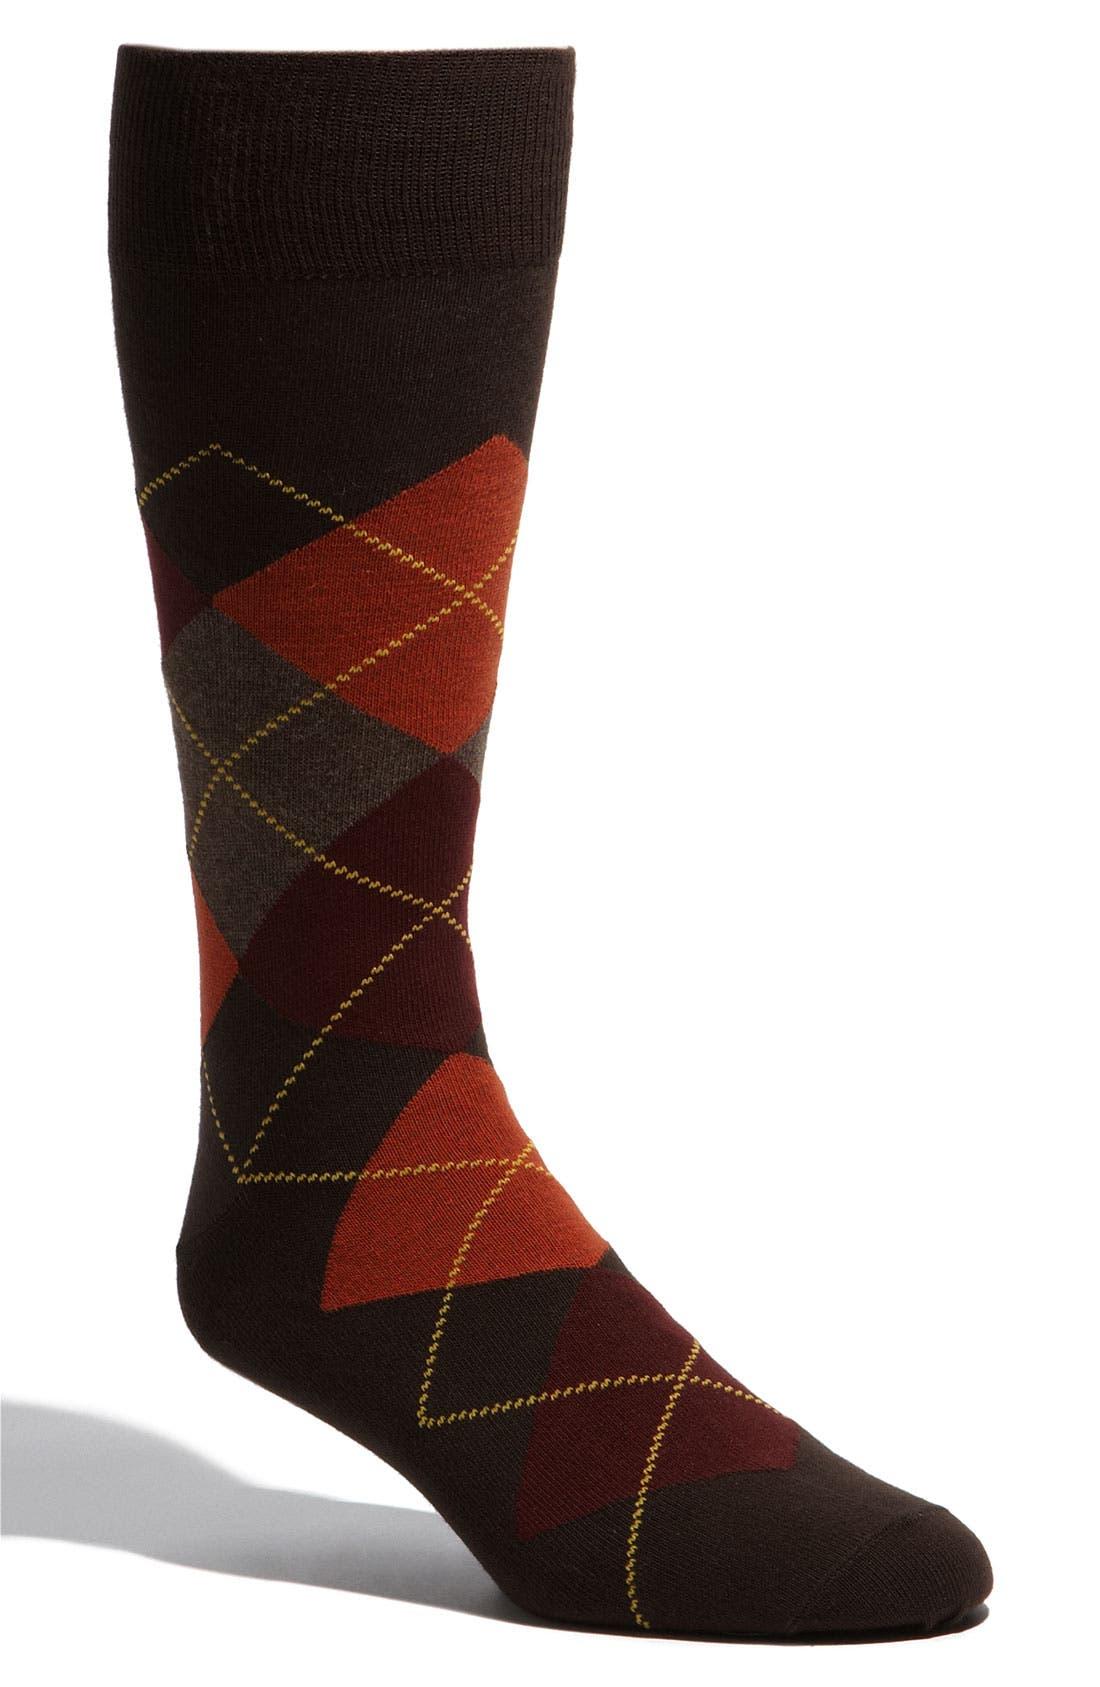 Alternate Image 1 Selected - Lorenzo Uomo 'Rugby Argyle' Socks (3 for $27)